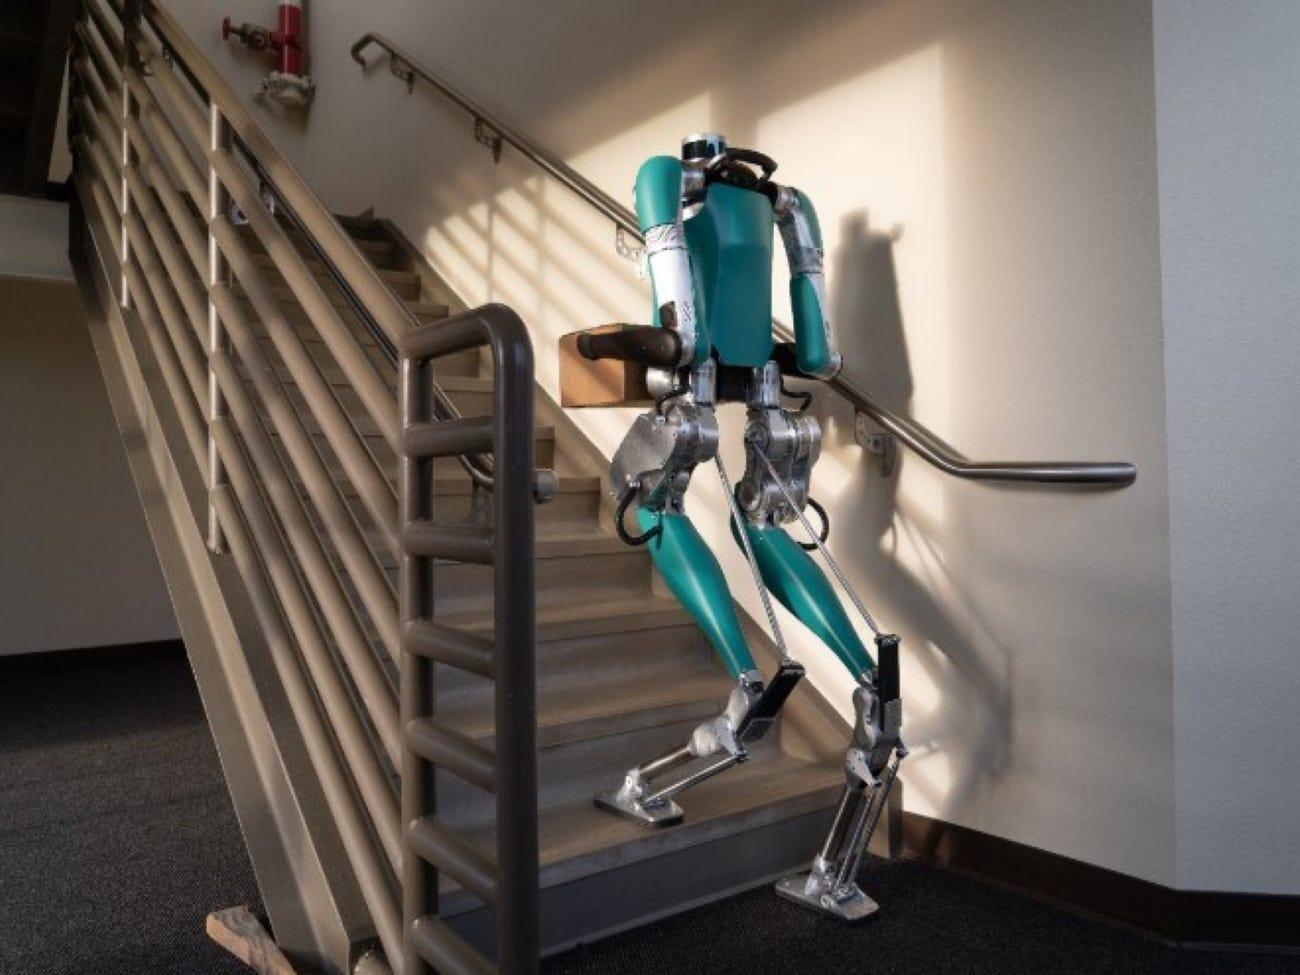 Tvrtka Ford će uskoro početi koristiti čovjekolike robote za dostavu